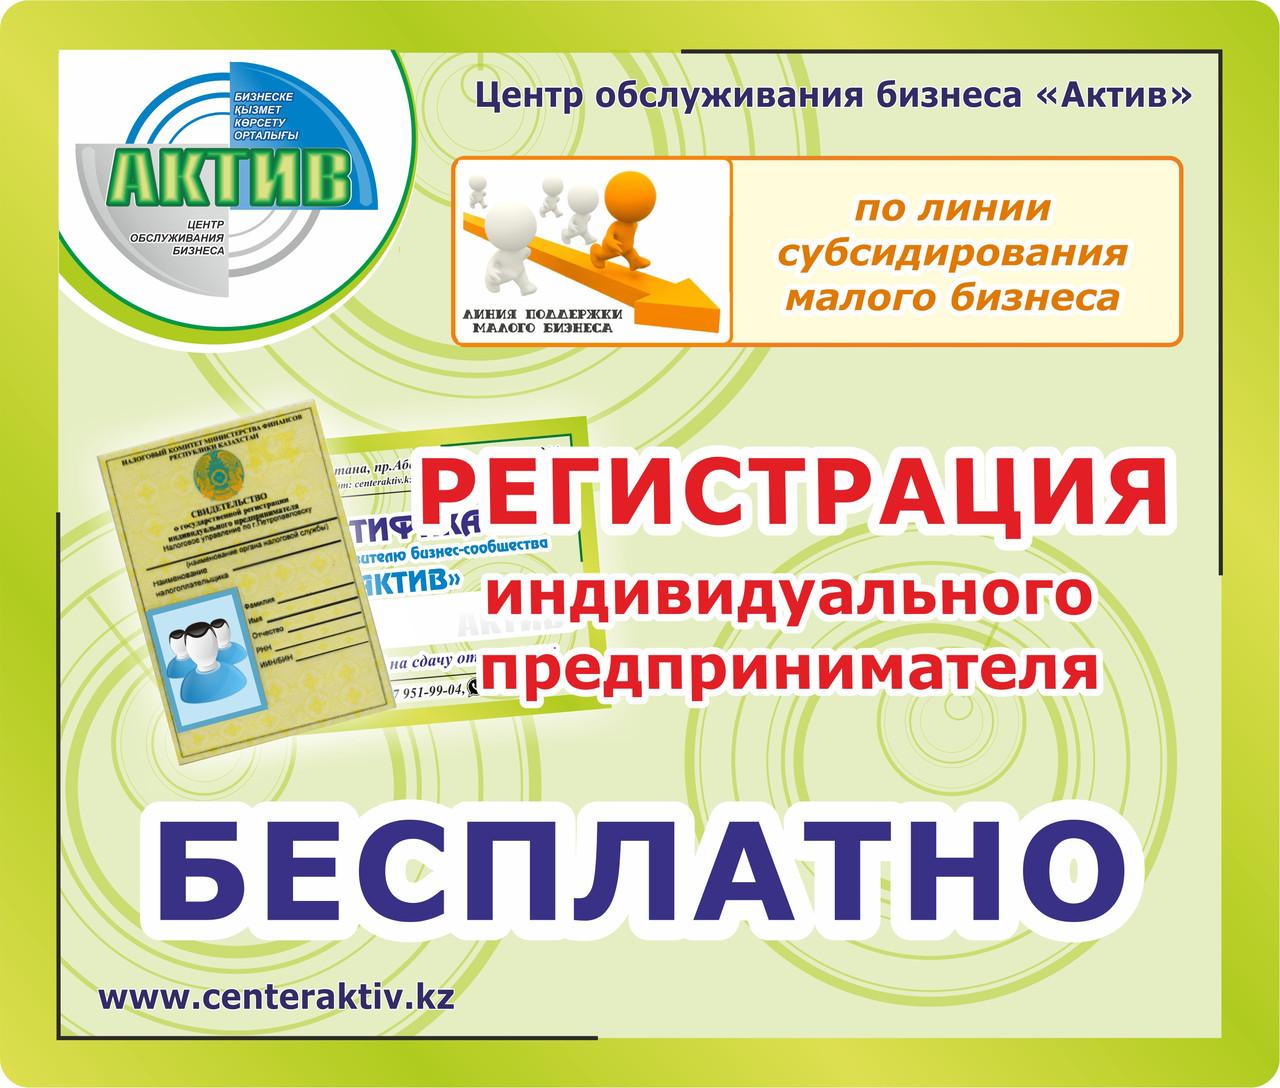 Регистрация индивидуального предпринимателя - 0 тенге. Регистрация ИП. Открытие ИП.